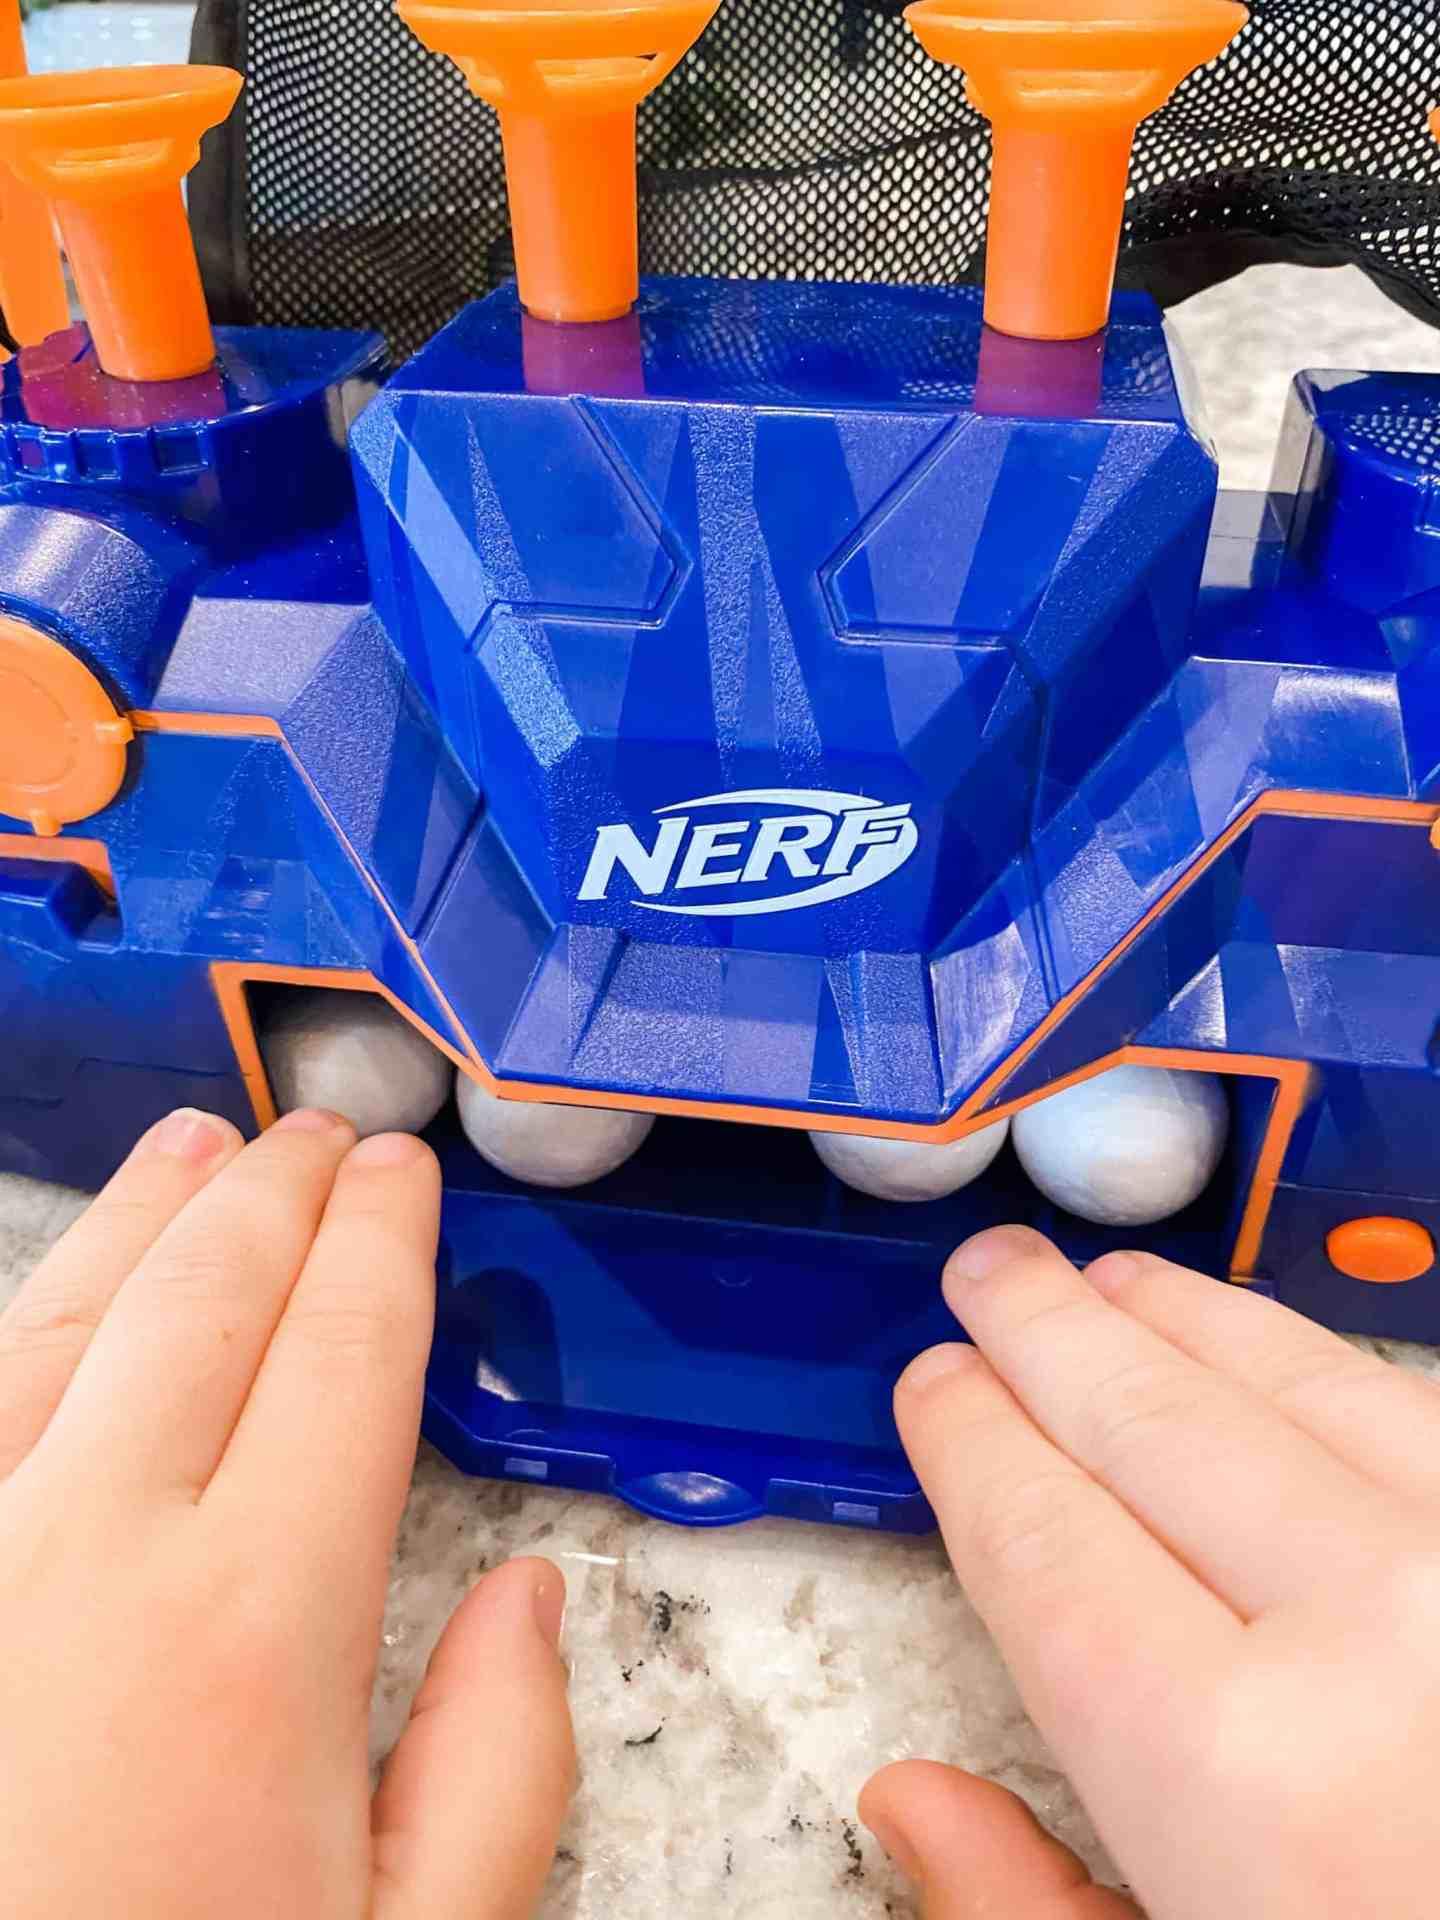 NERF-Hovering-Target